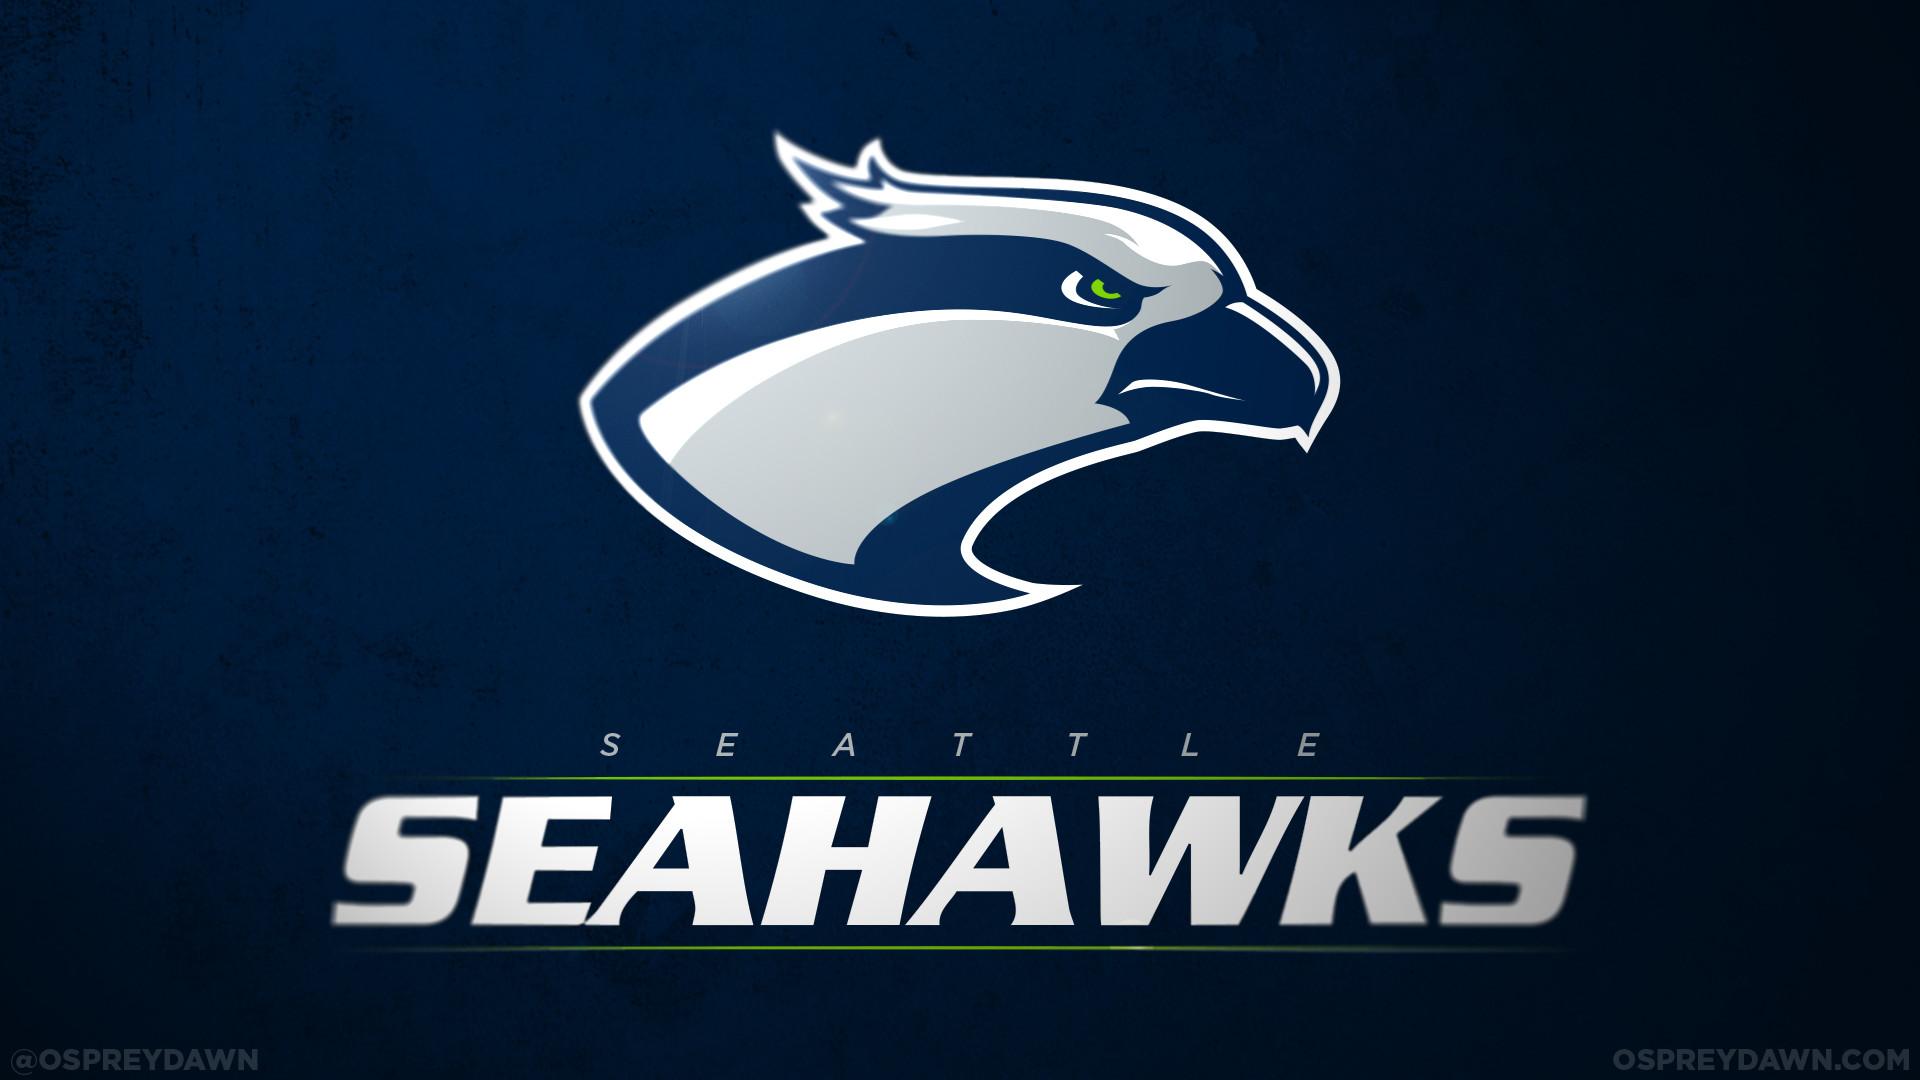 NFC West: Seattle Seahawks